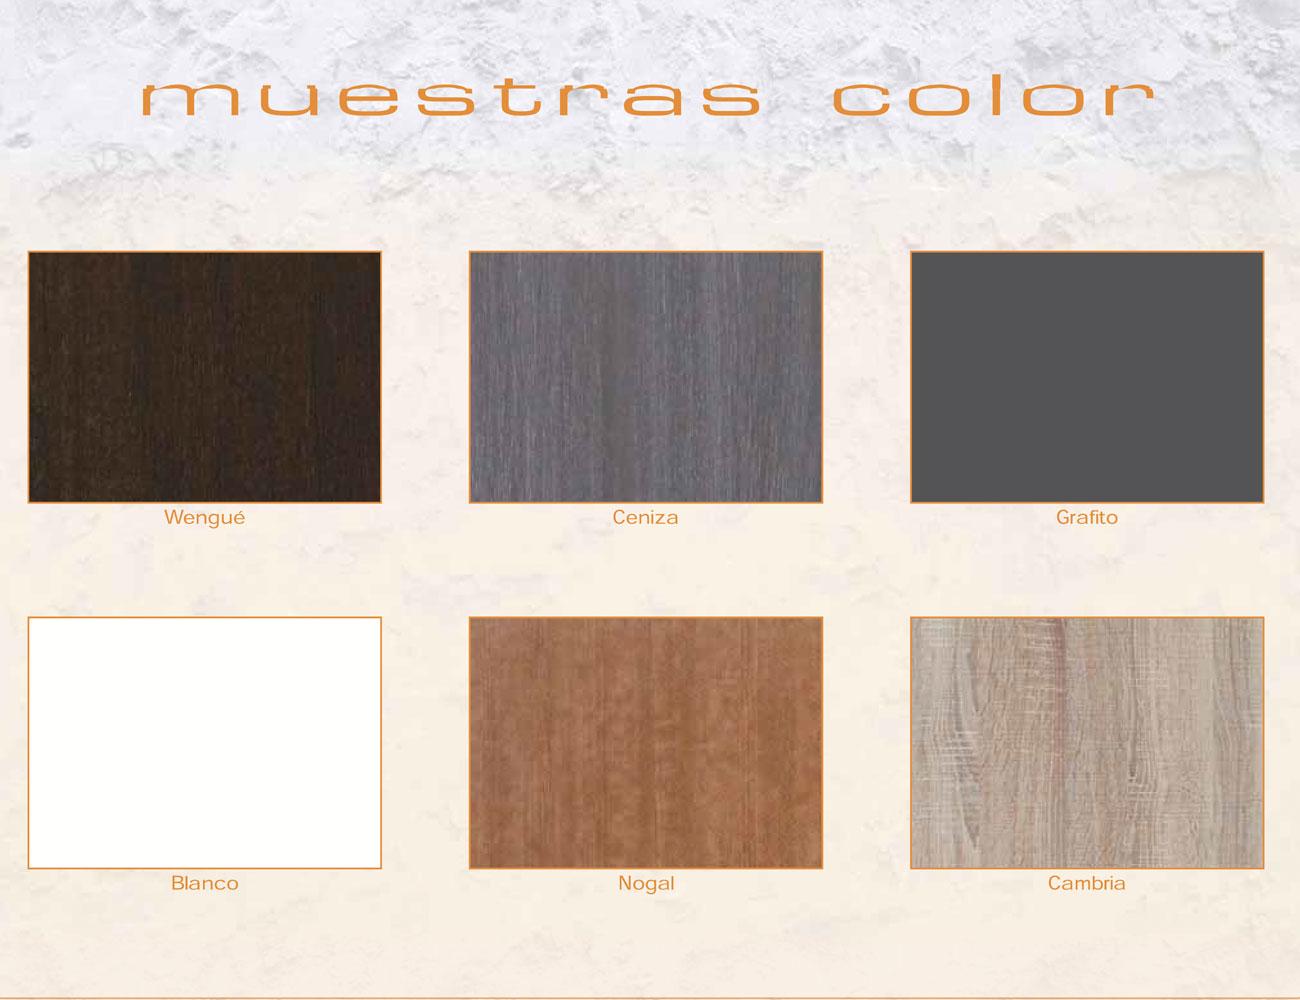 Muestras color muebles expo2